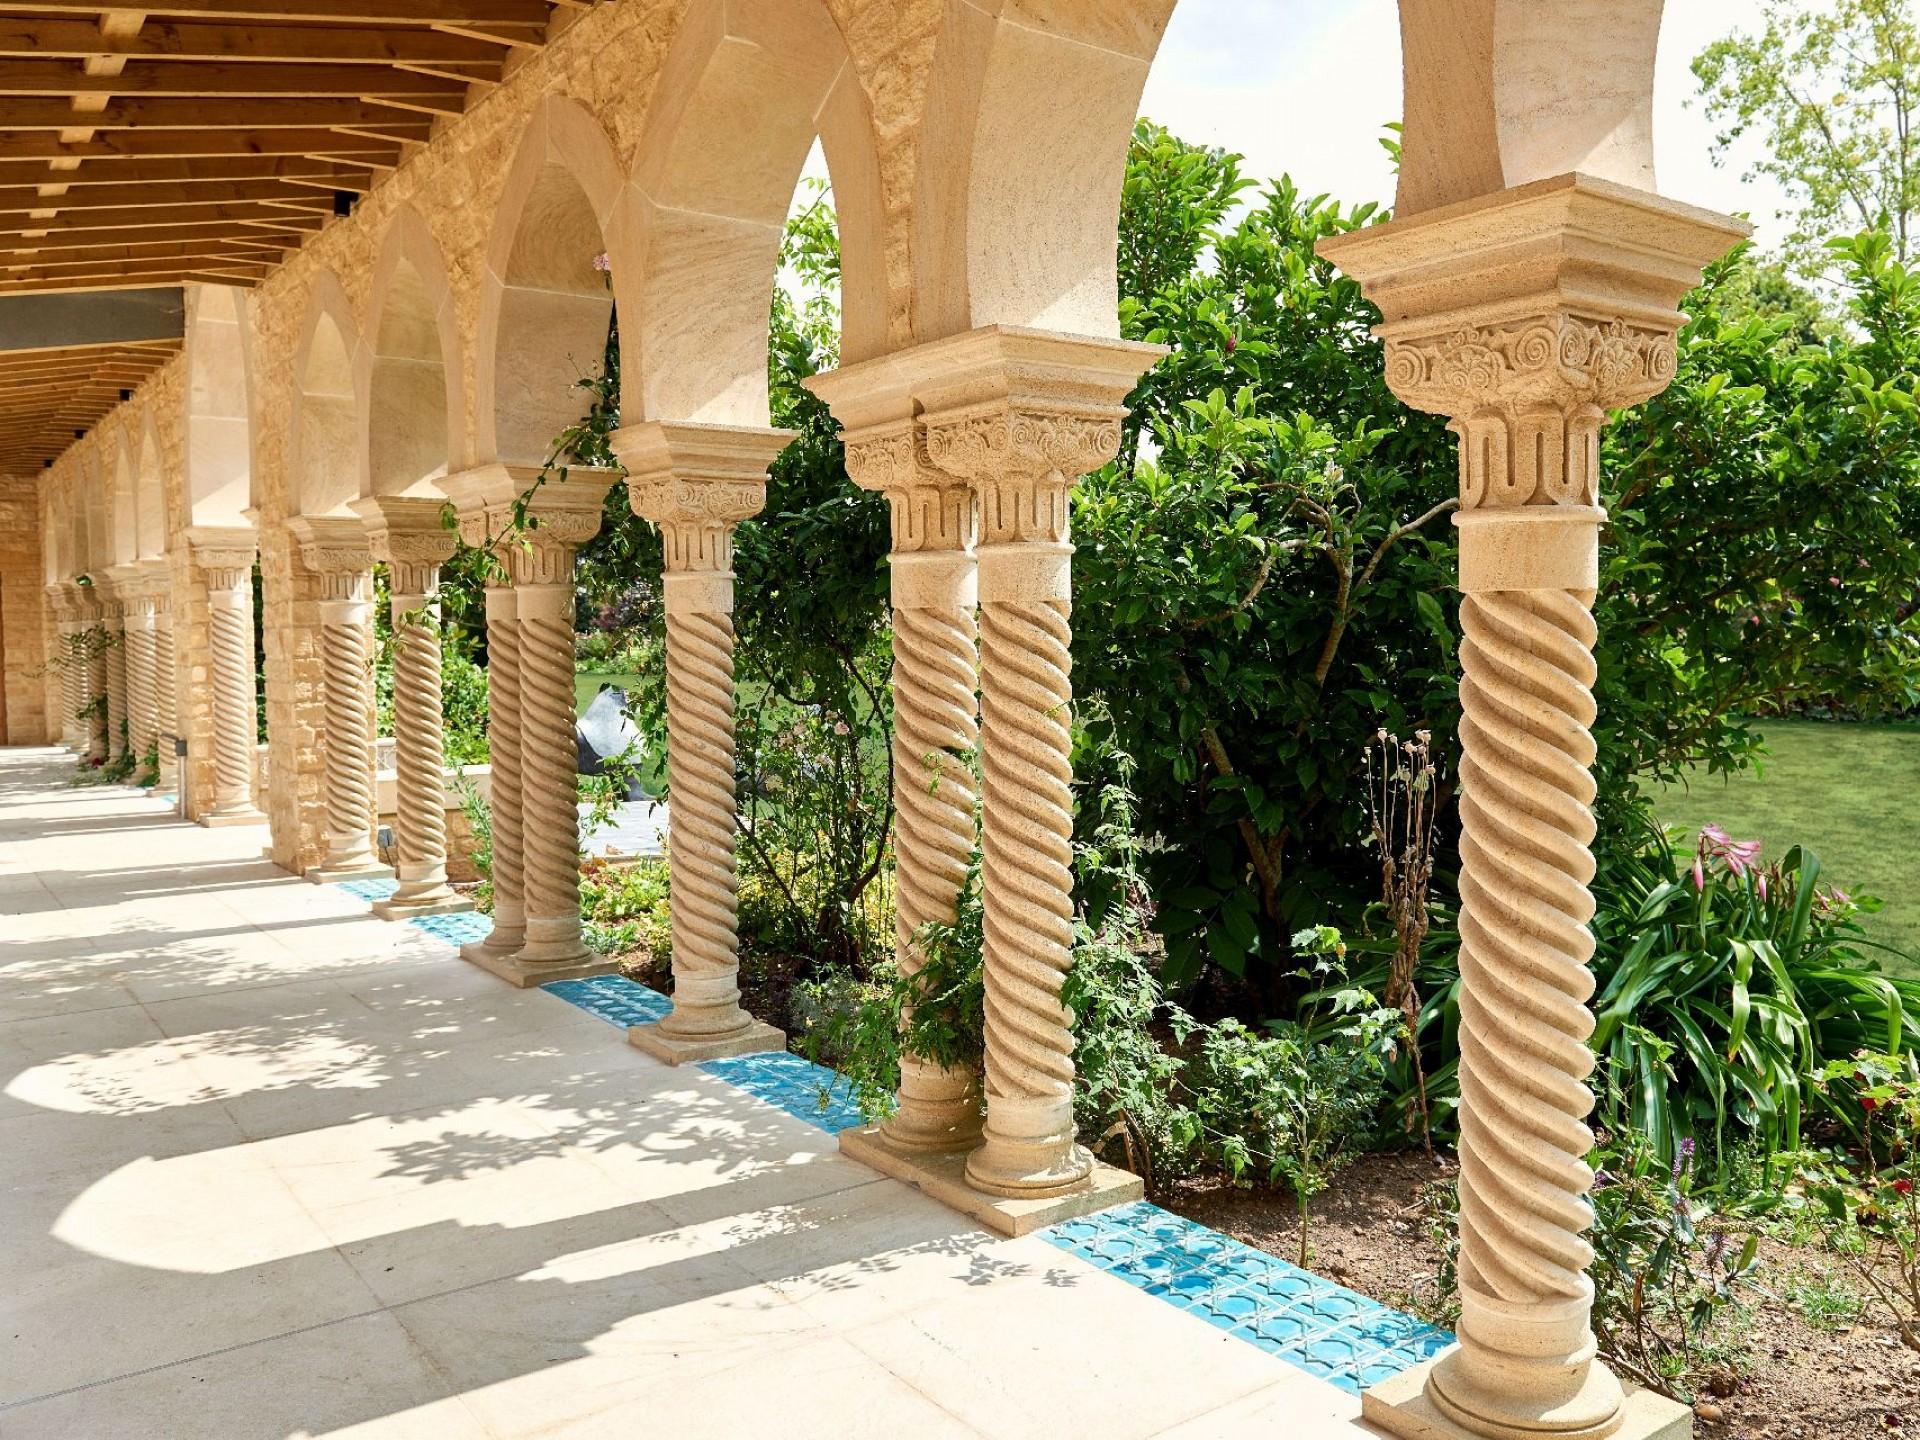 The Pavilion Colonnade